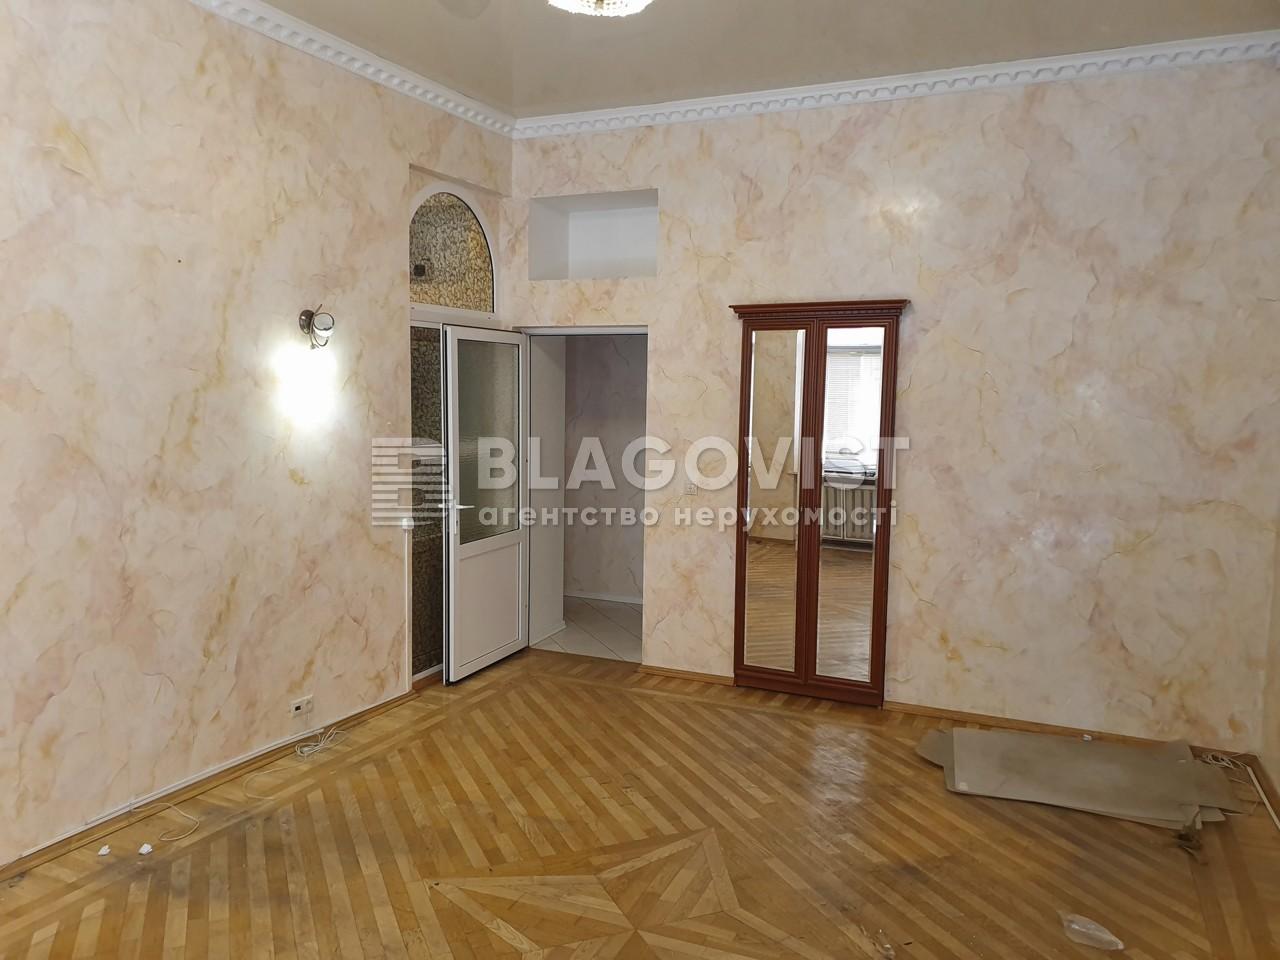 Квартира R-35156, Большая Васильковская, 30, Киев - Фото 5